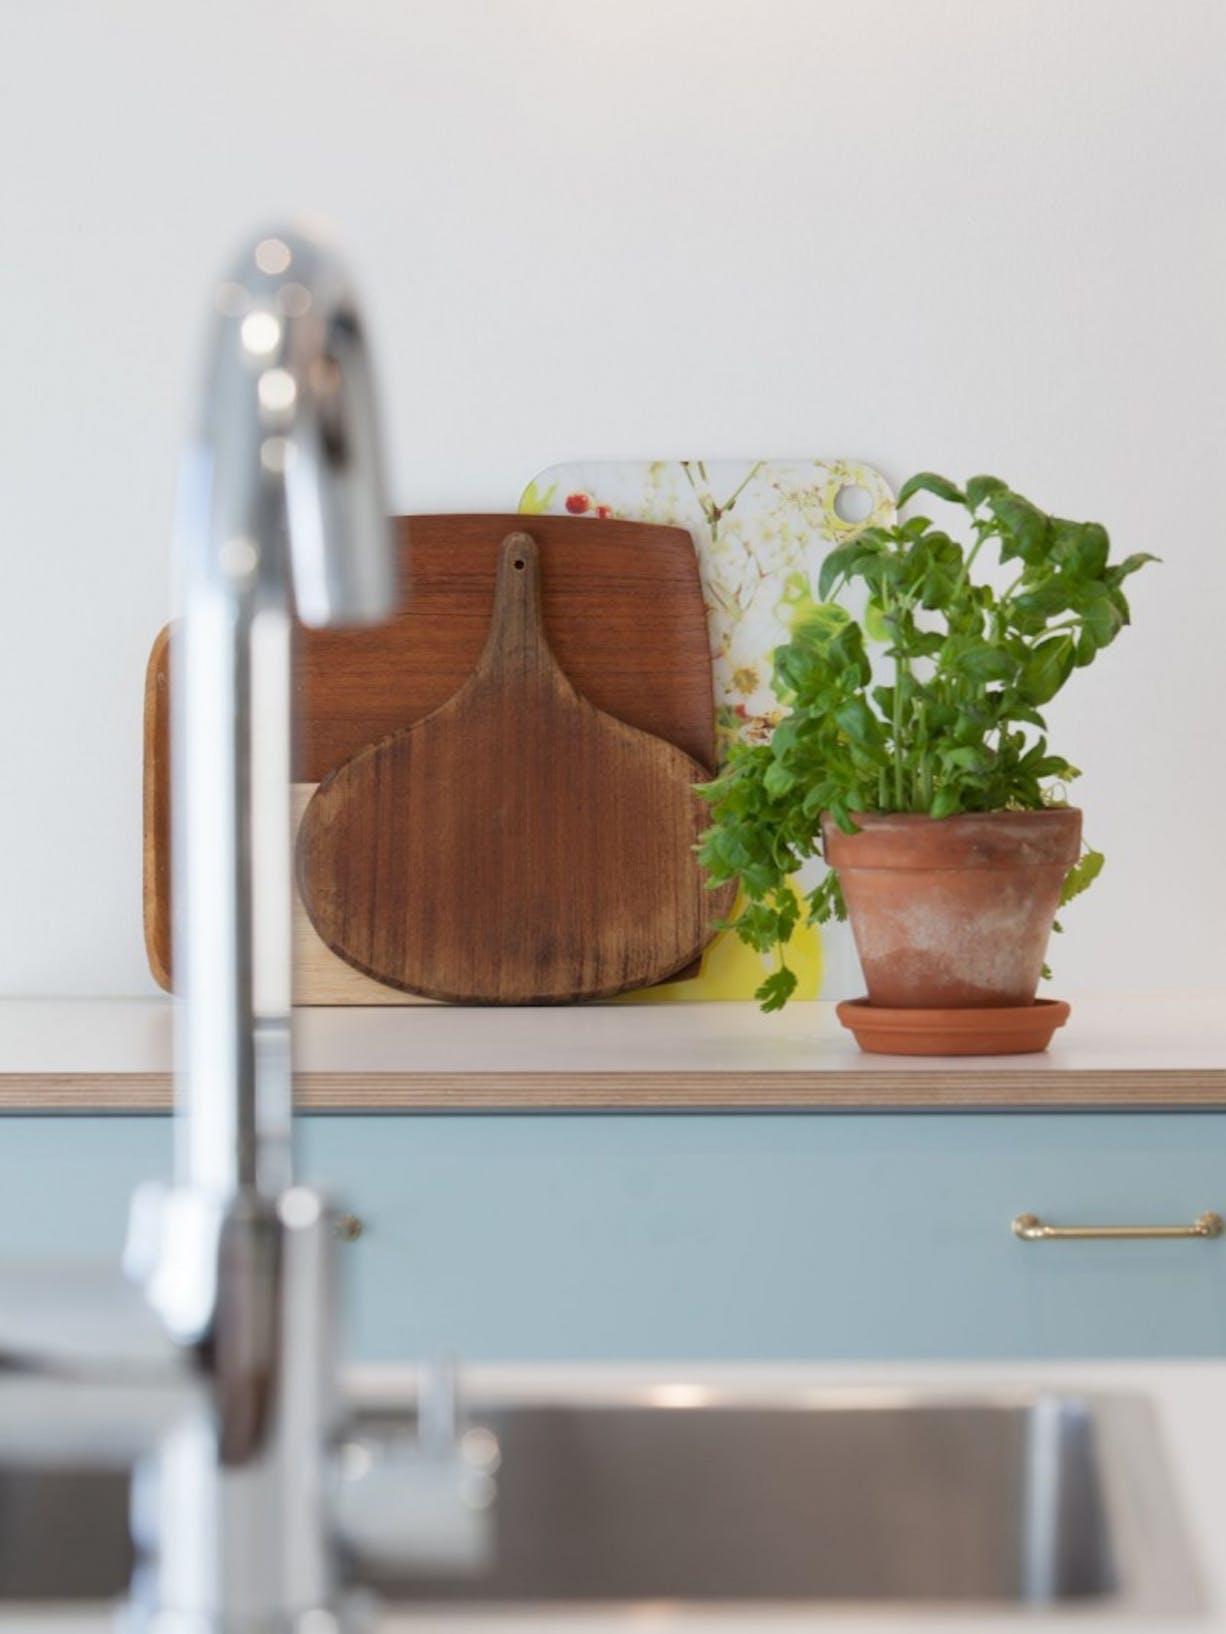 Kitchen Refresh Tikkurila Paper White paint right image